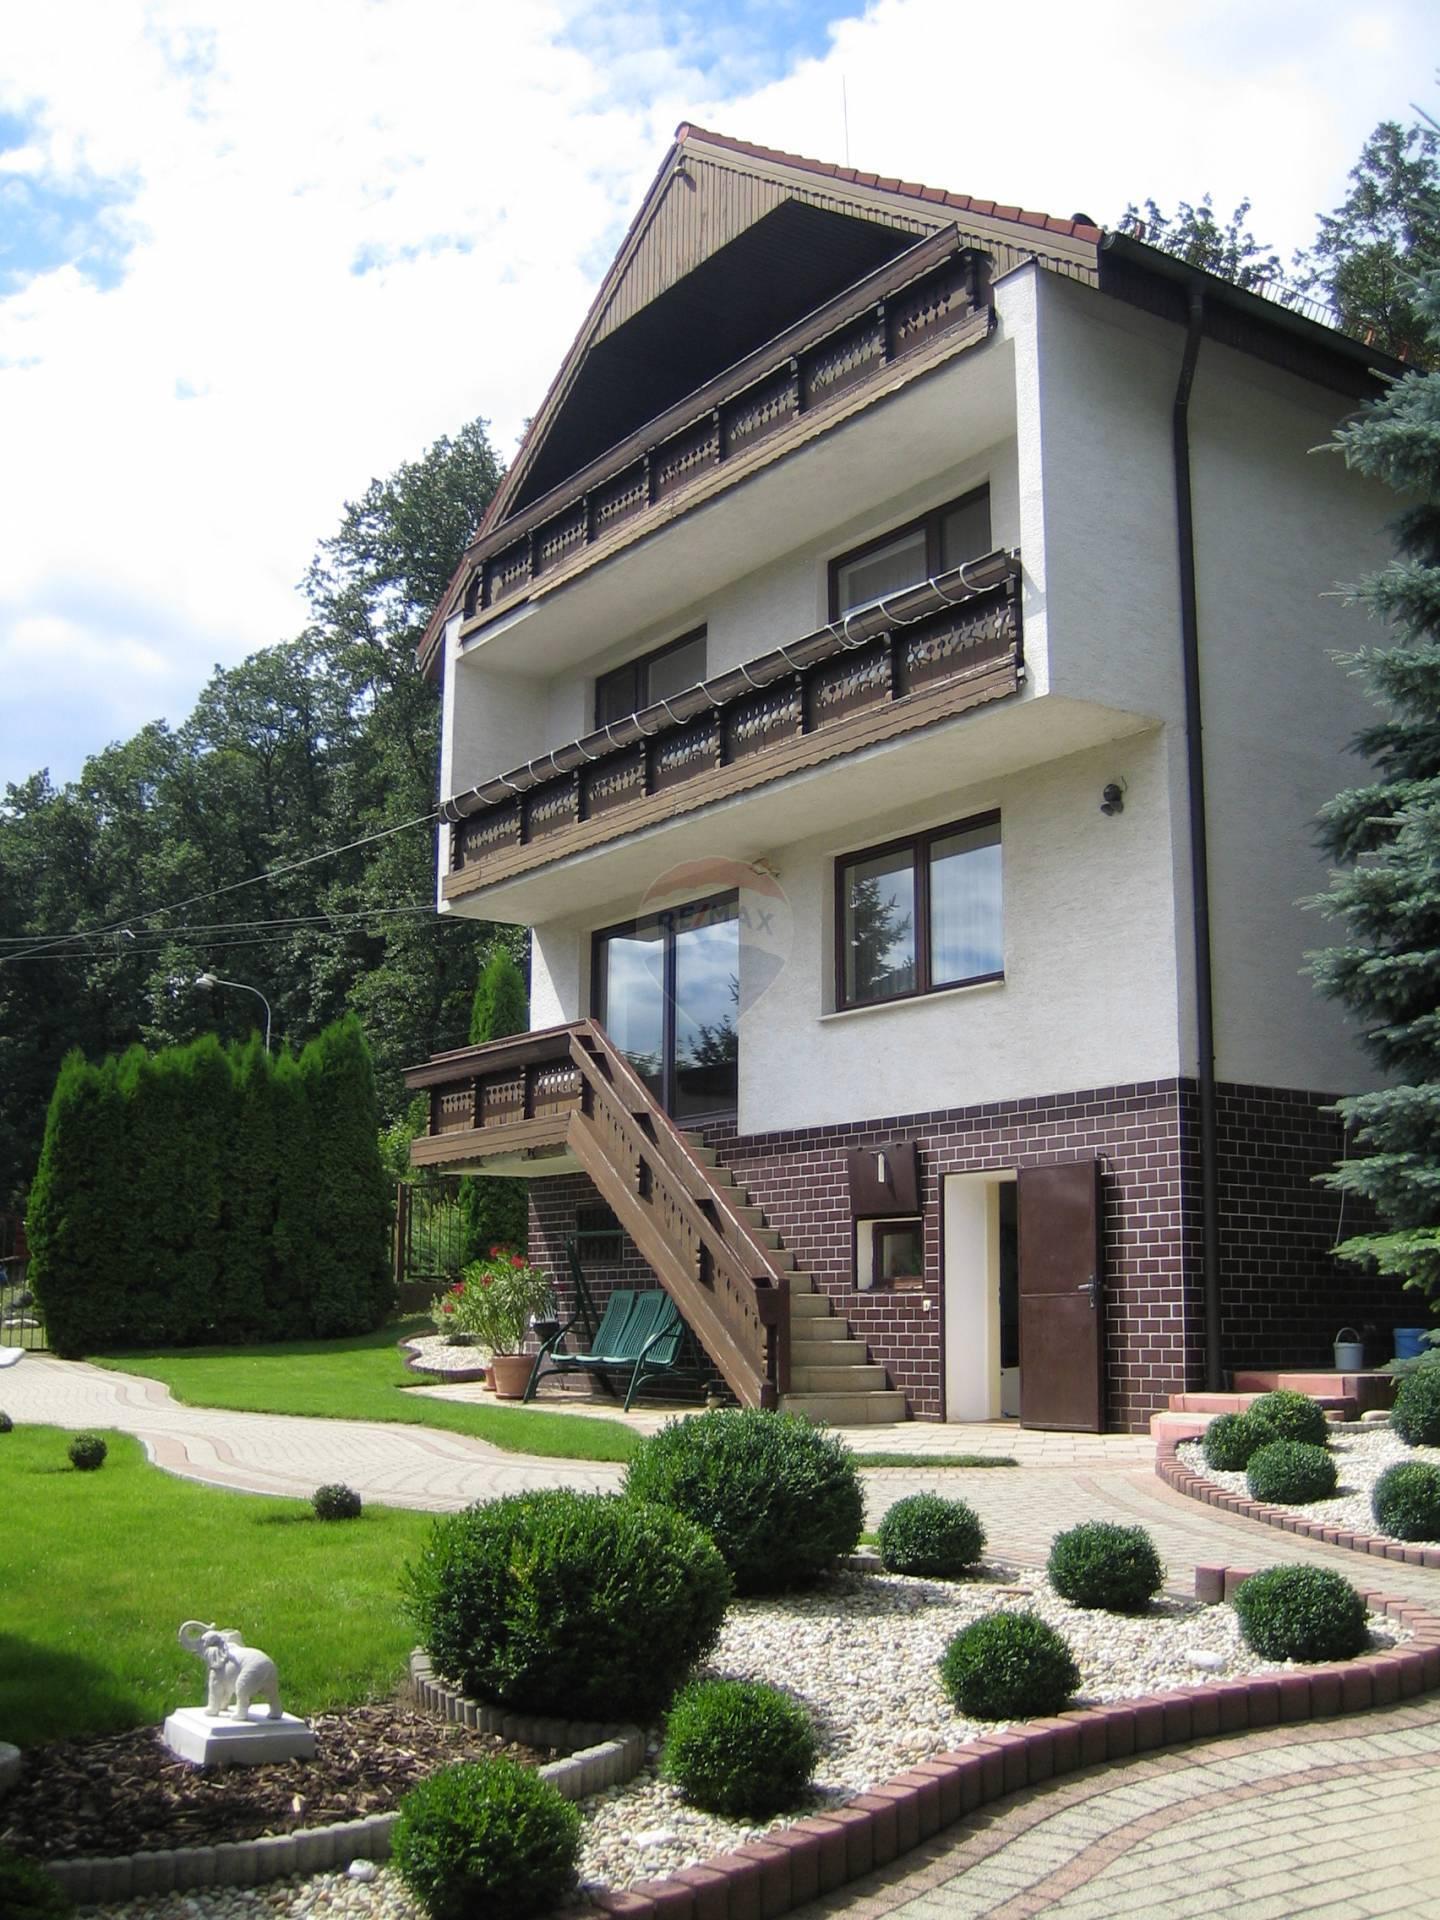 =RE/MAX= predaj dvoch nehnuteľnosti, vila a dom Smolenice